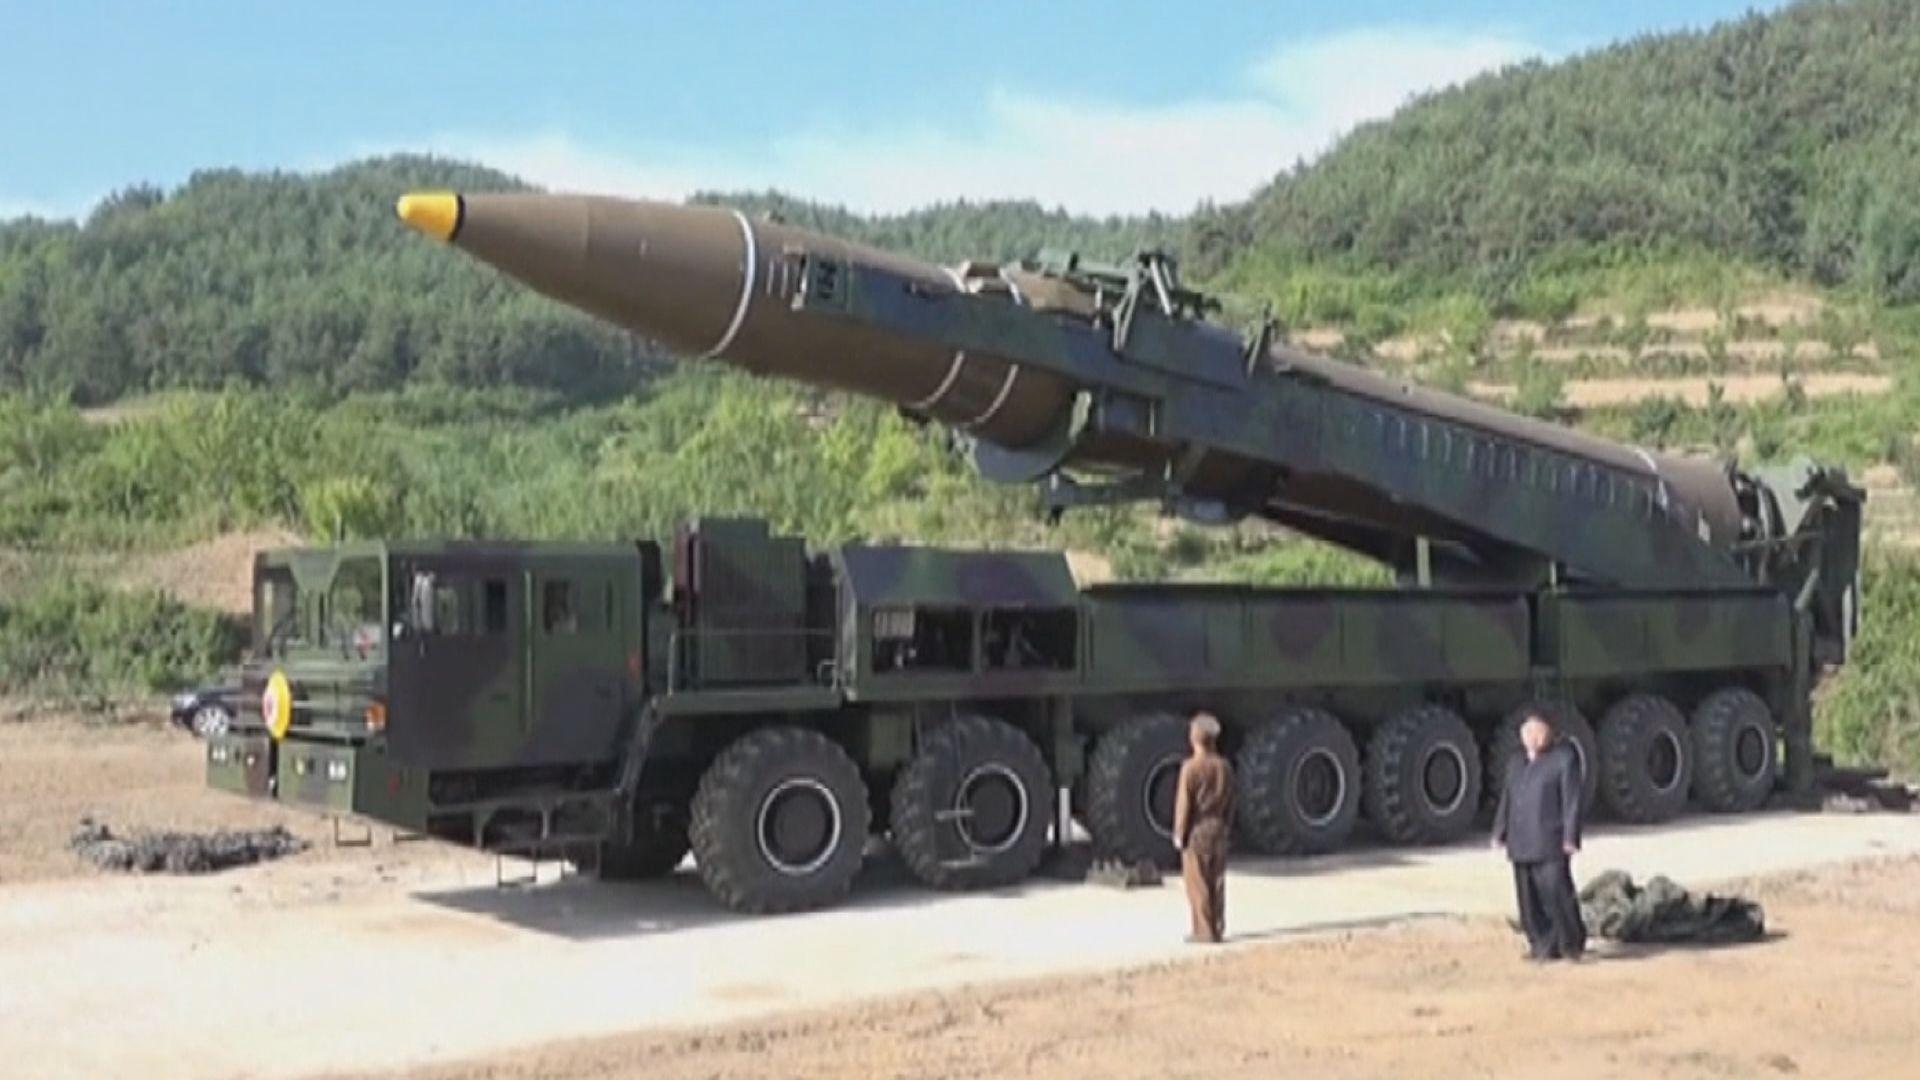 北韓聲稱試射新型遠程巡航導彈 南韓說事前未獲知會